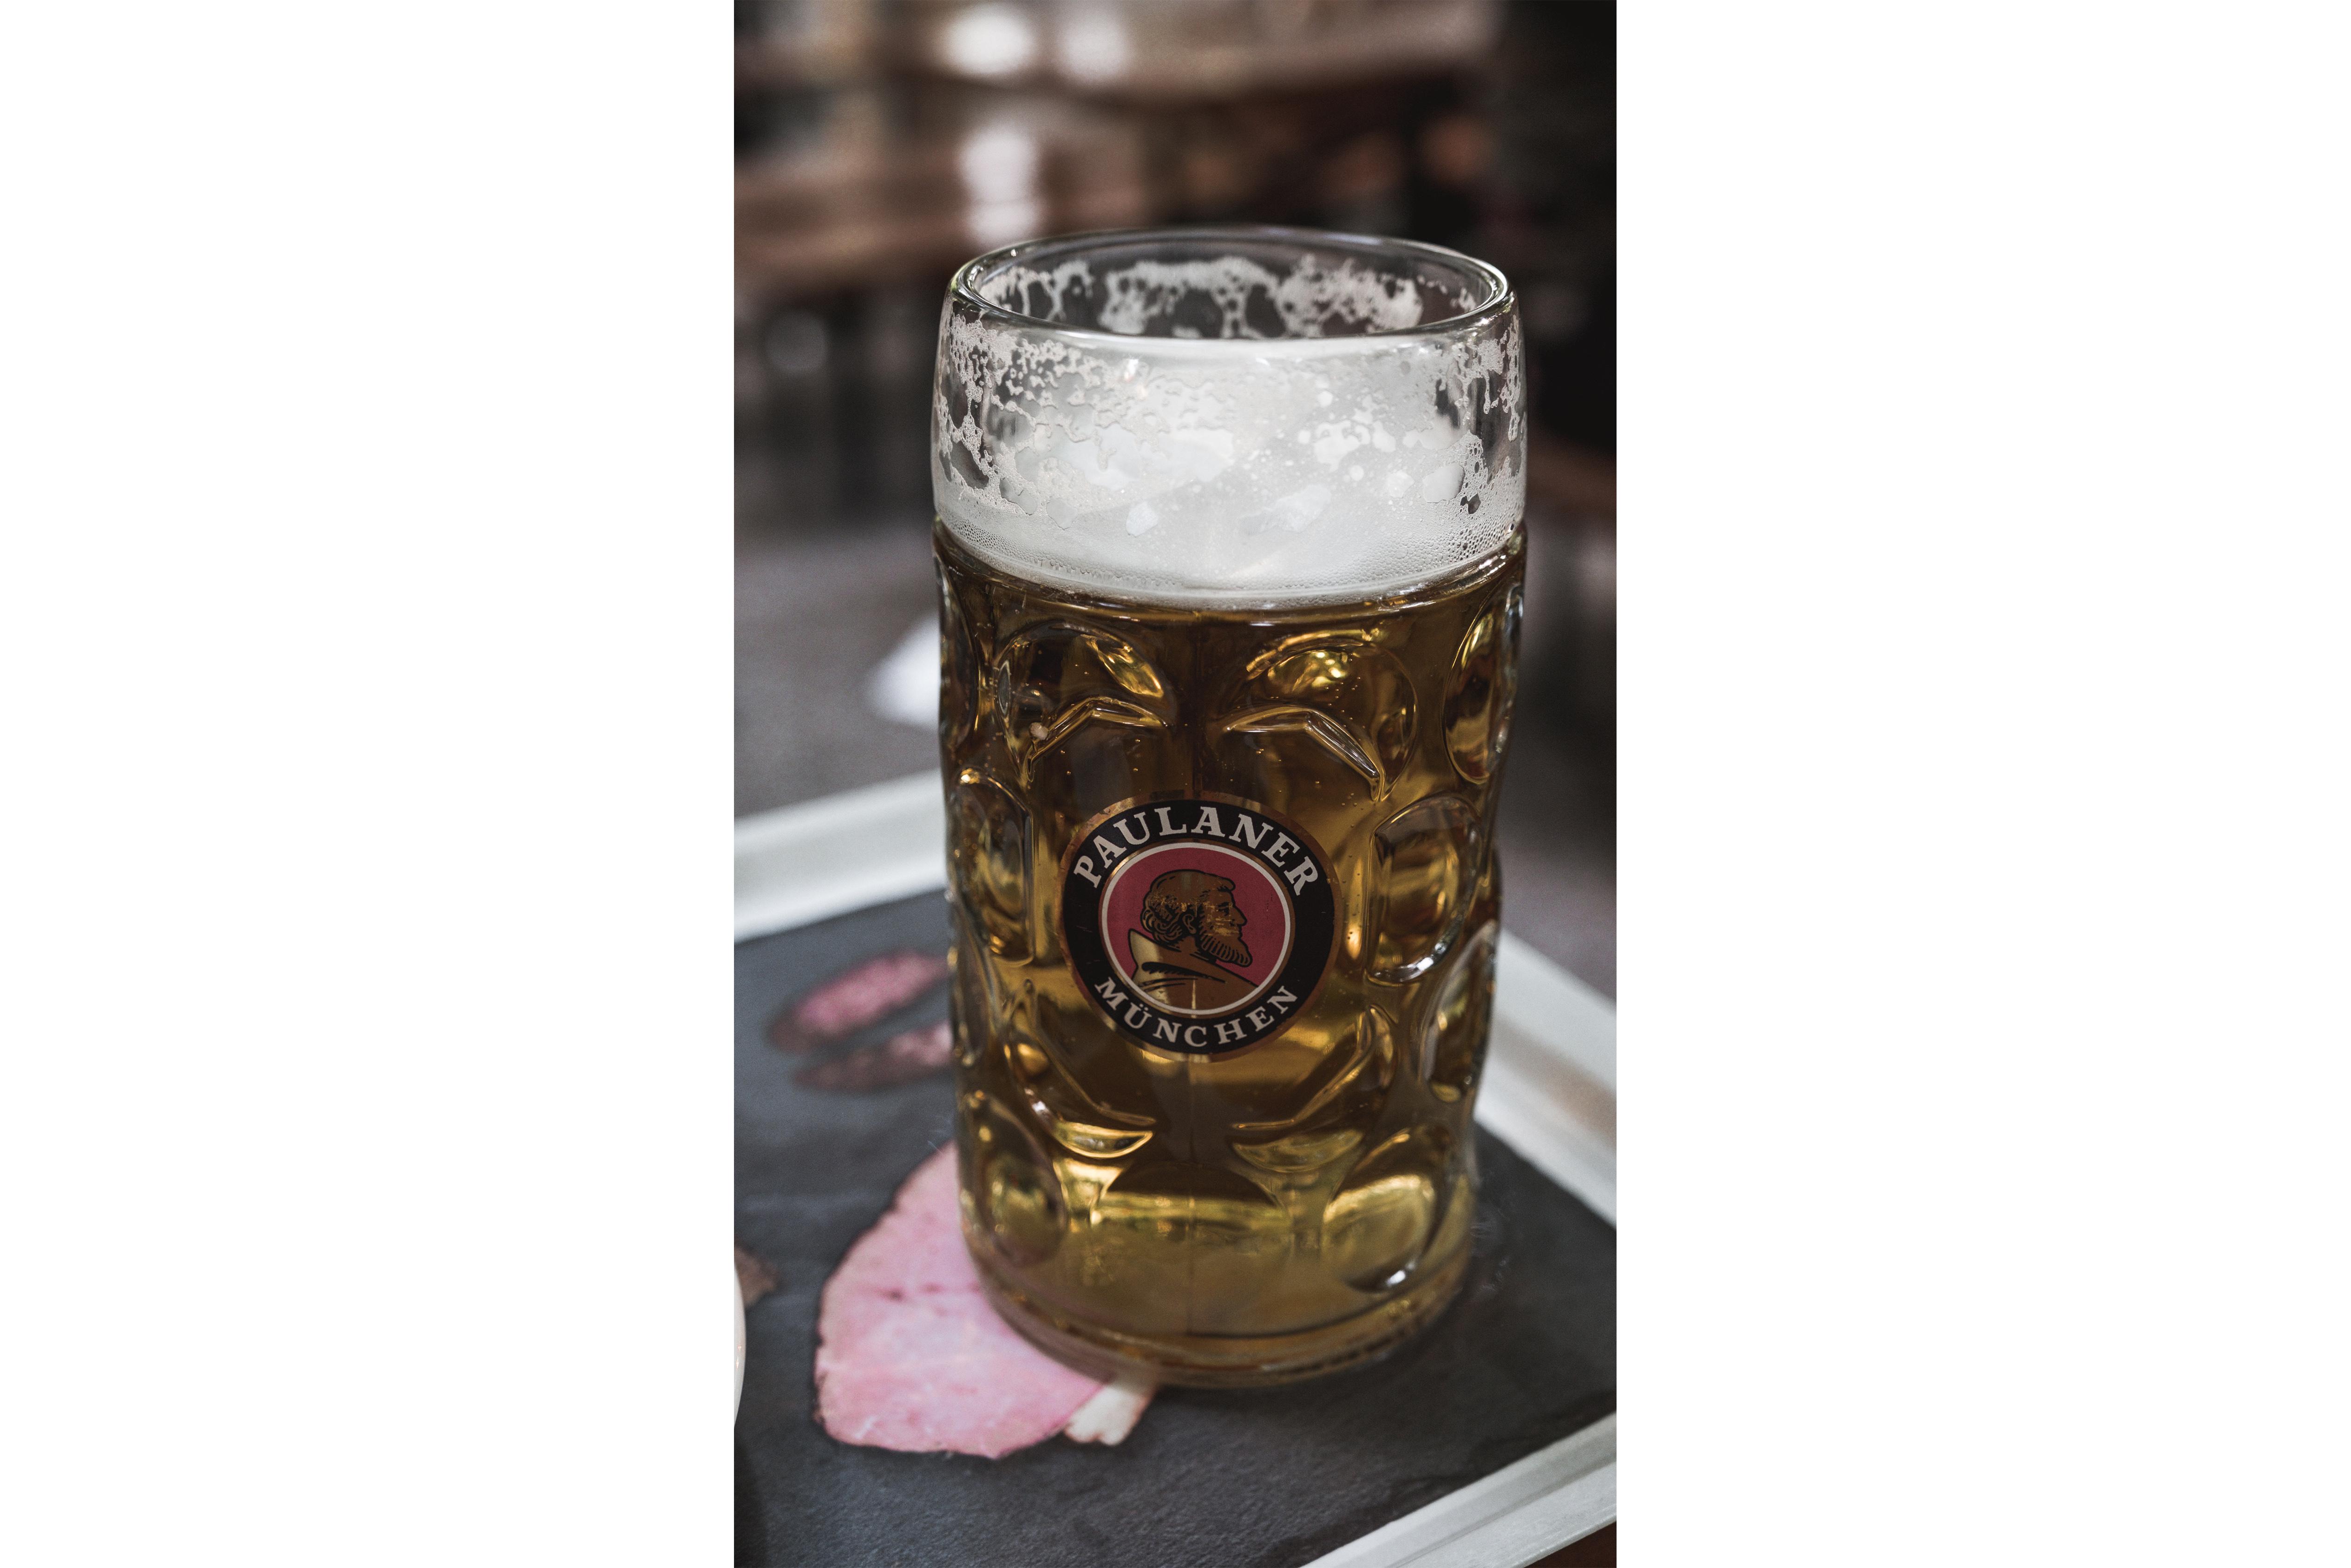 Munich-Biergarten-biere-lemonetorange-baviere-allemagne-city guide